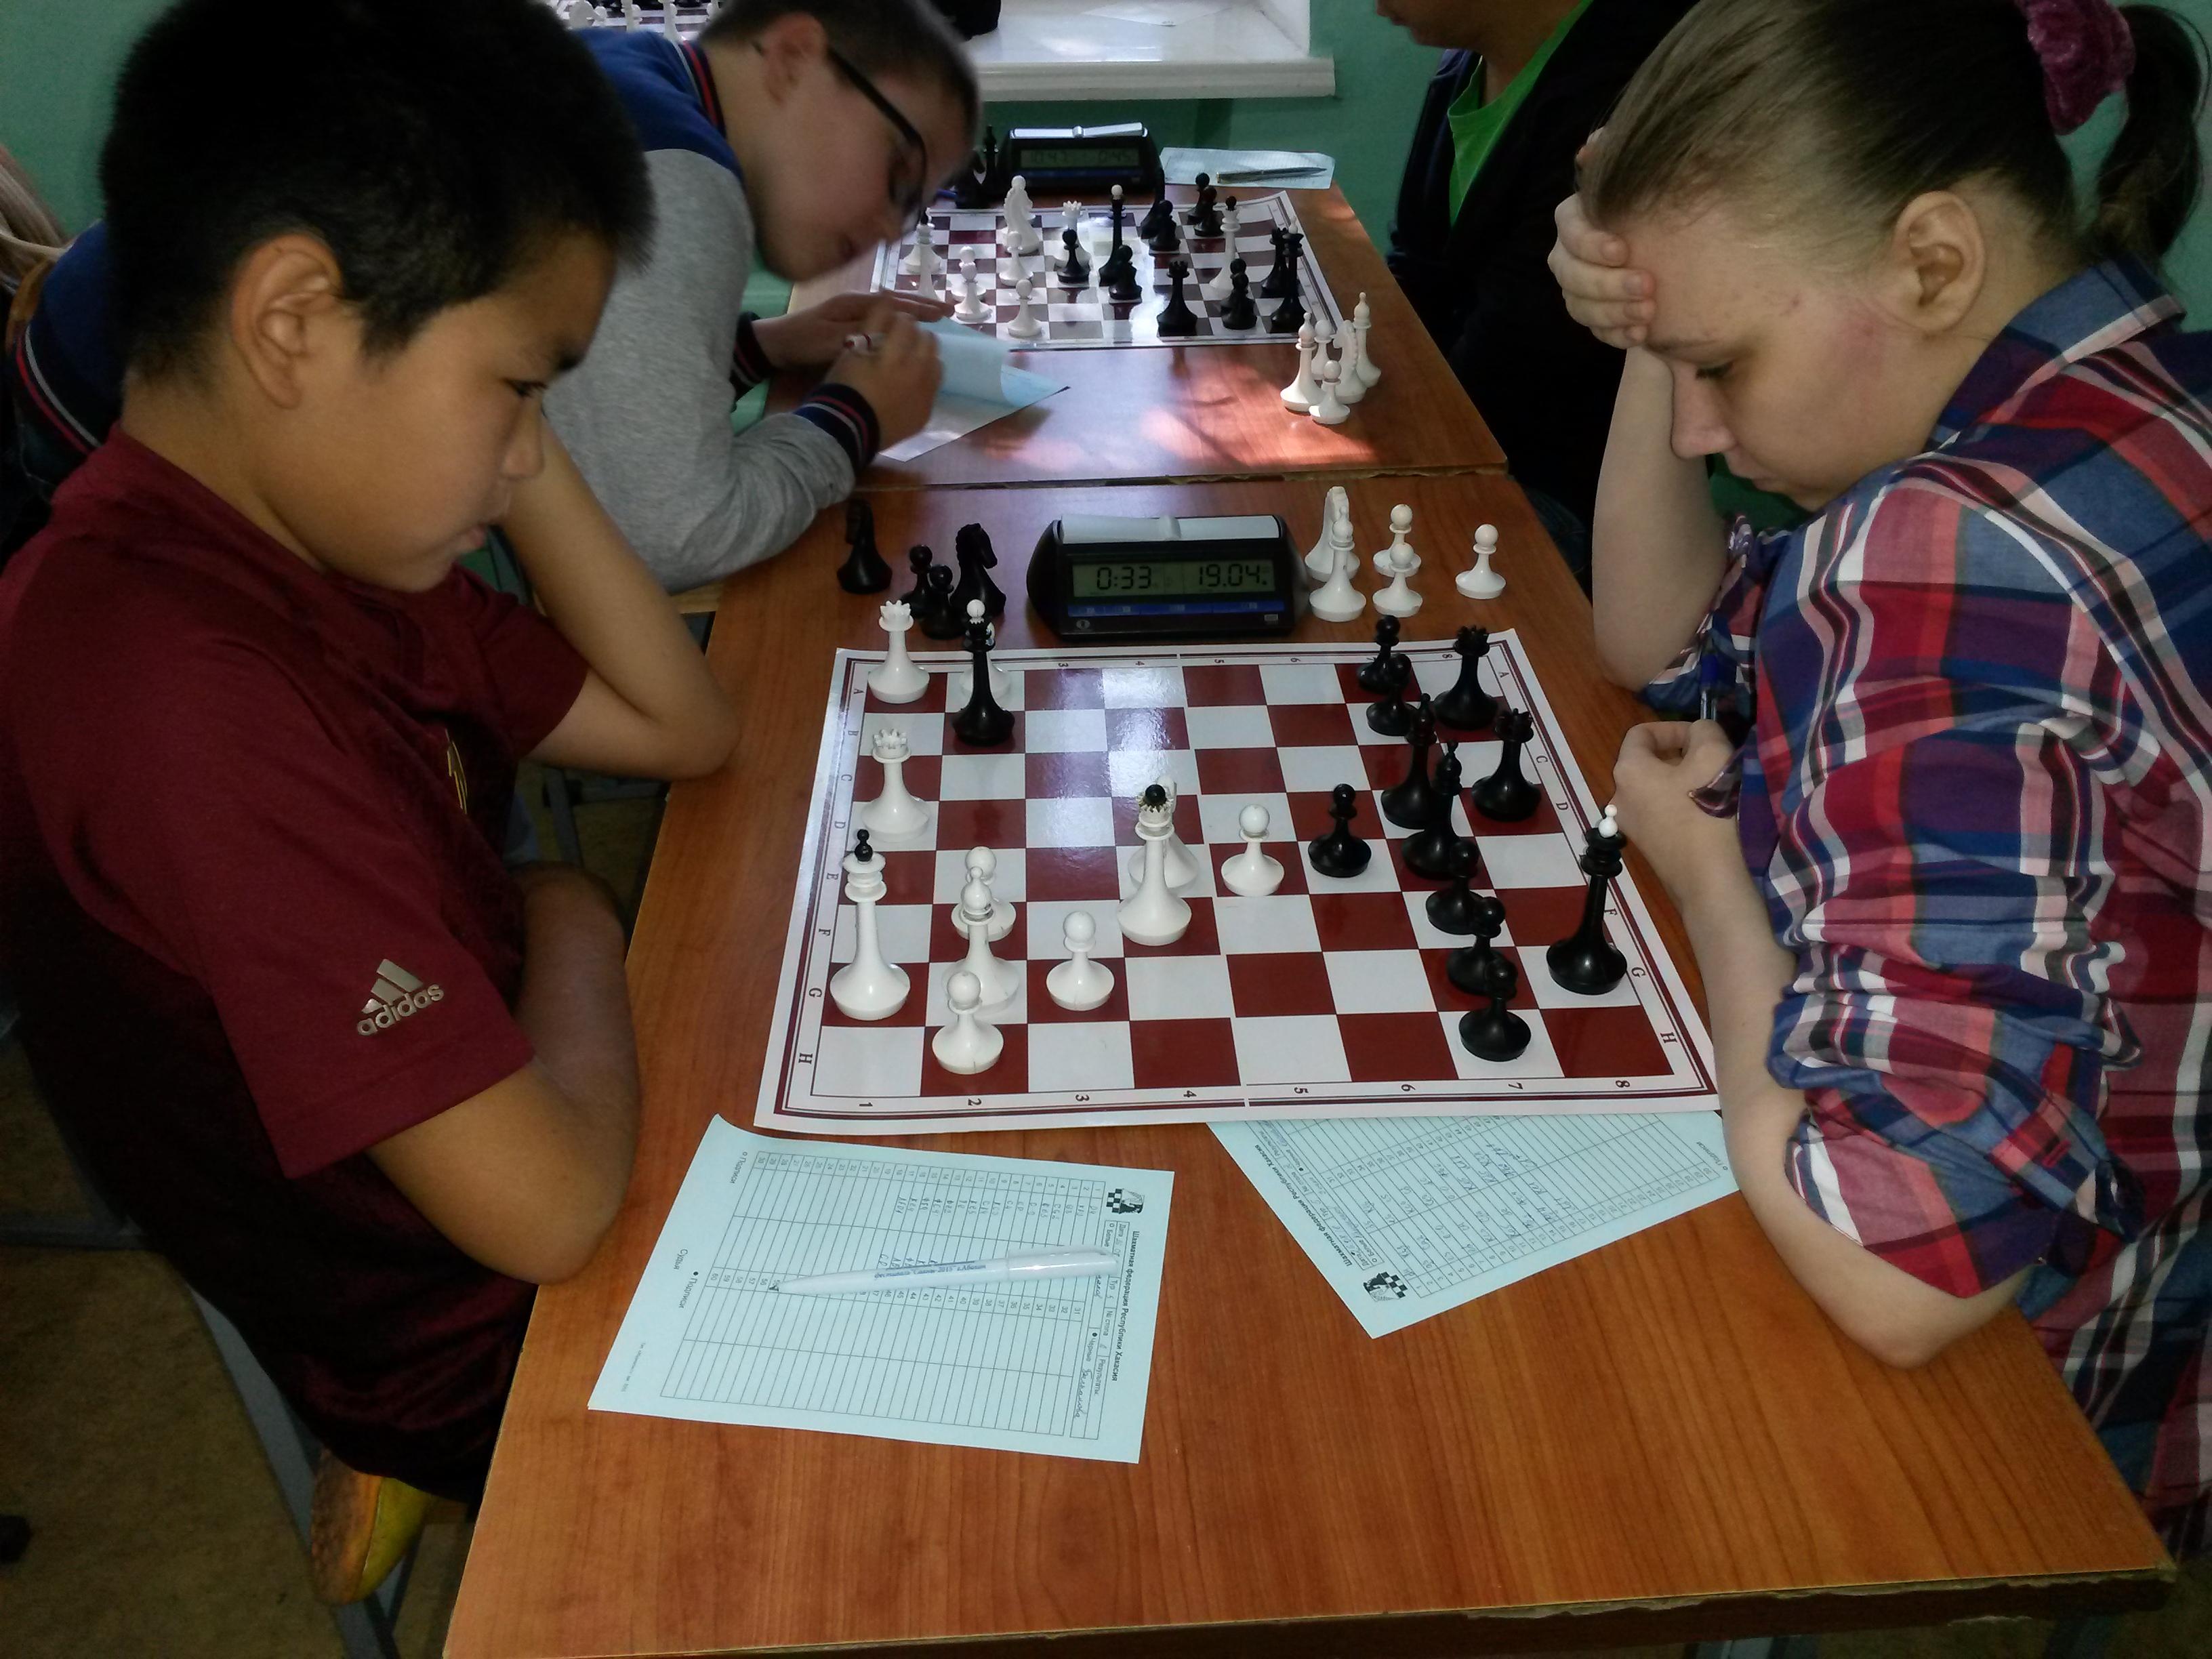 партия двух возможных призёров Михаила Канзычакова и Екатерины Беспаловой завершилась вничью.